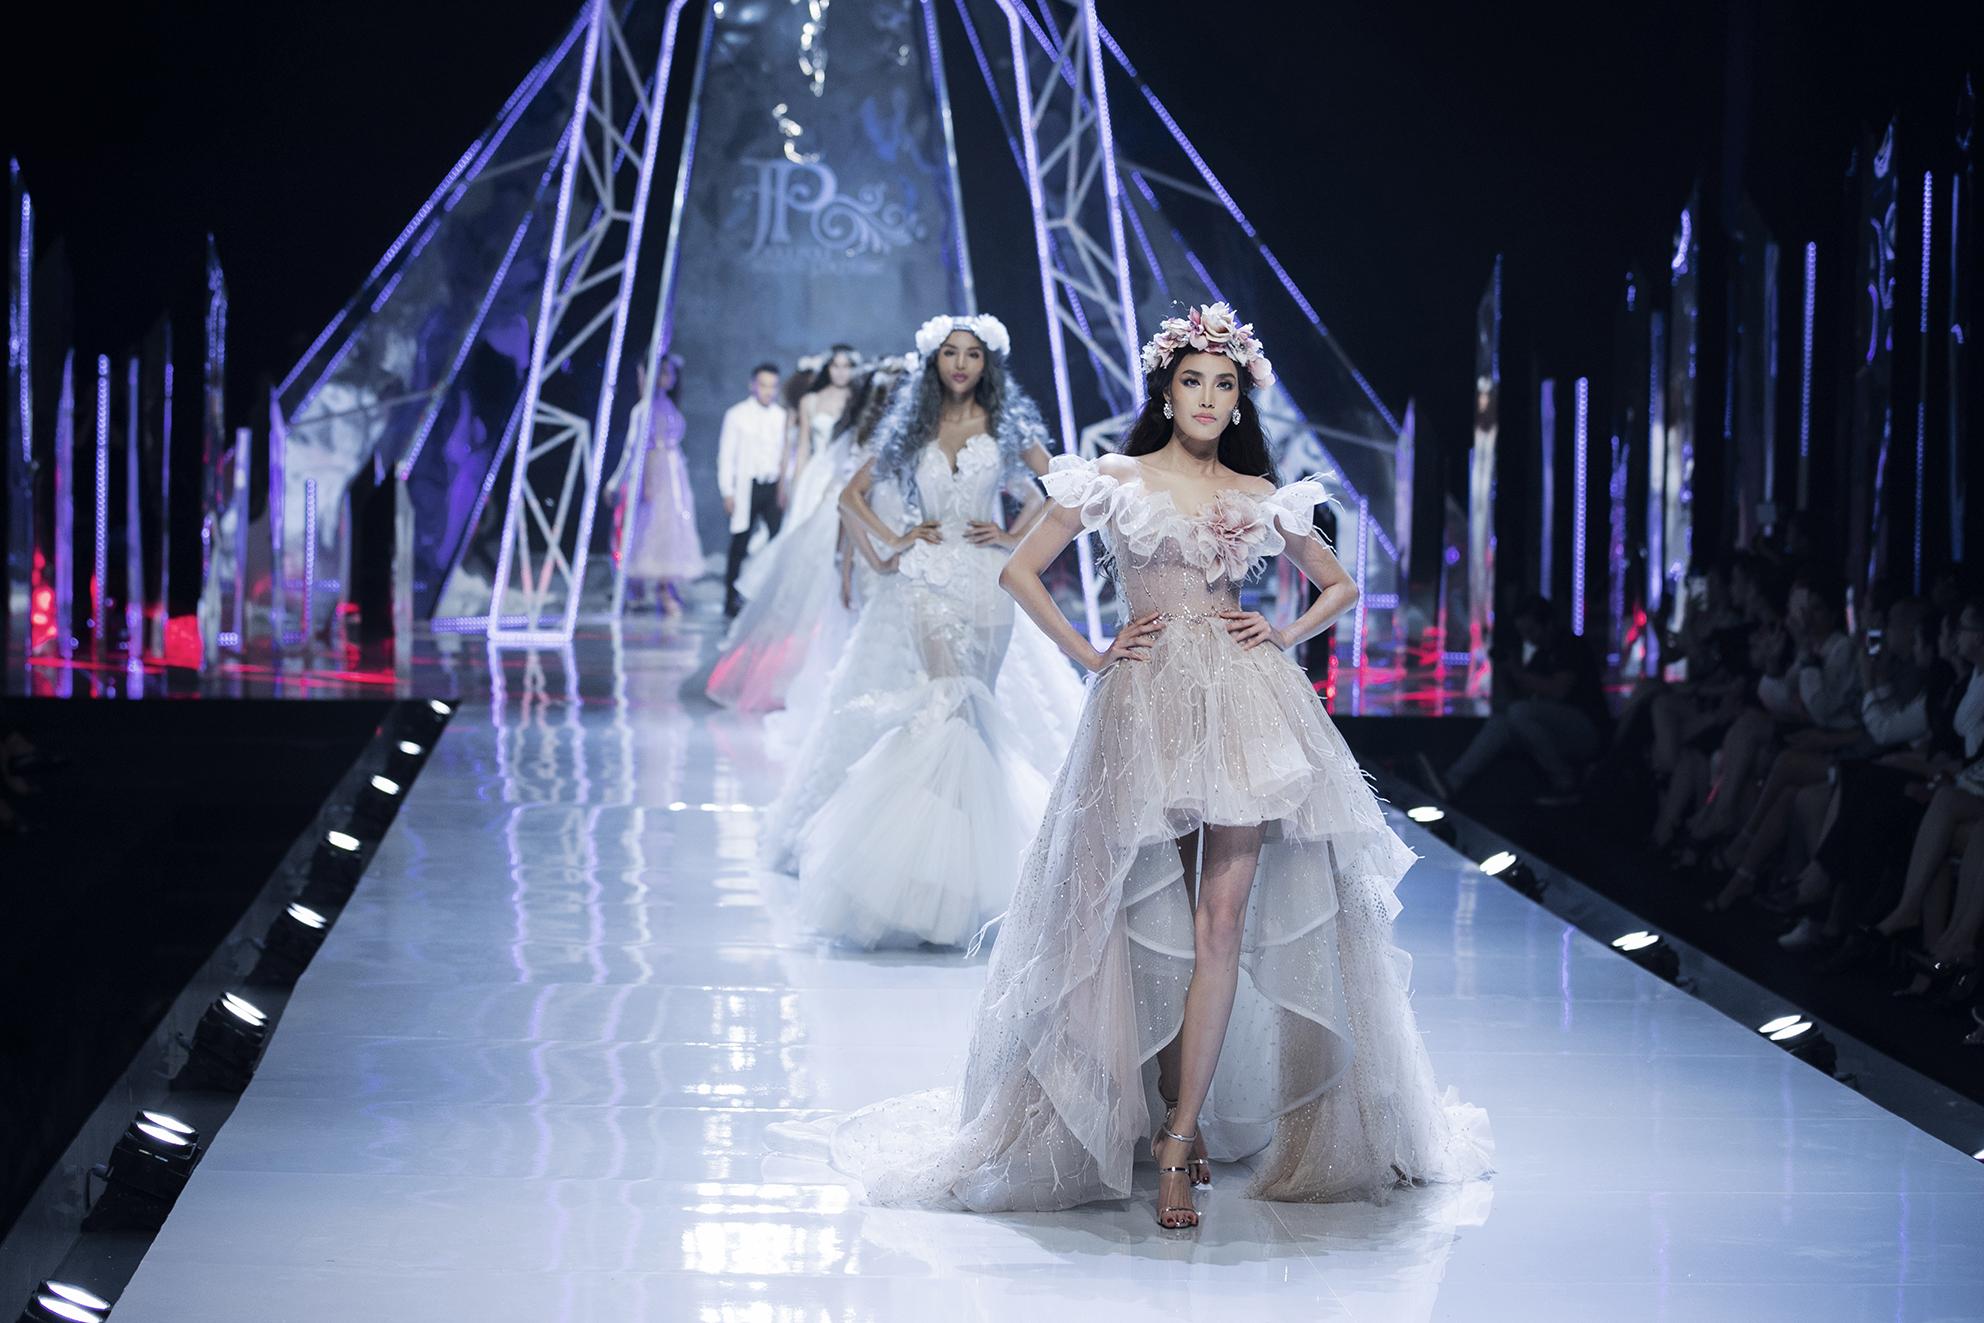 Đối lập Hương Giang sắc lạnh, hoa hậu Tiểu Vy catwalk như một 'thiên thần' - Ảnh 3